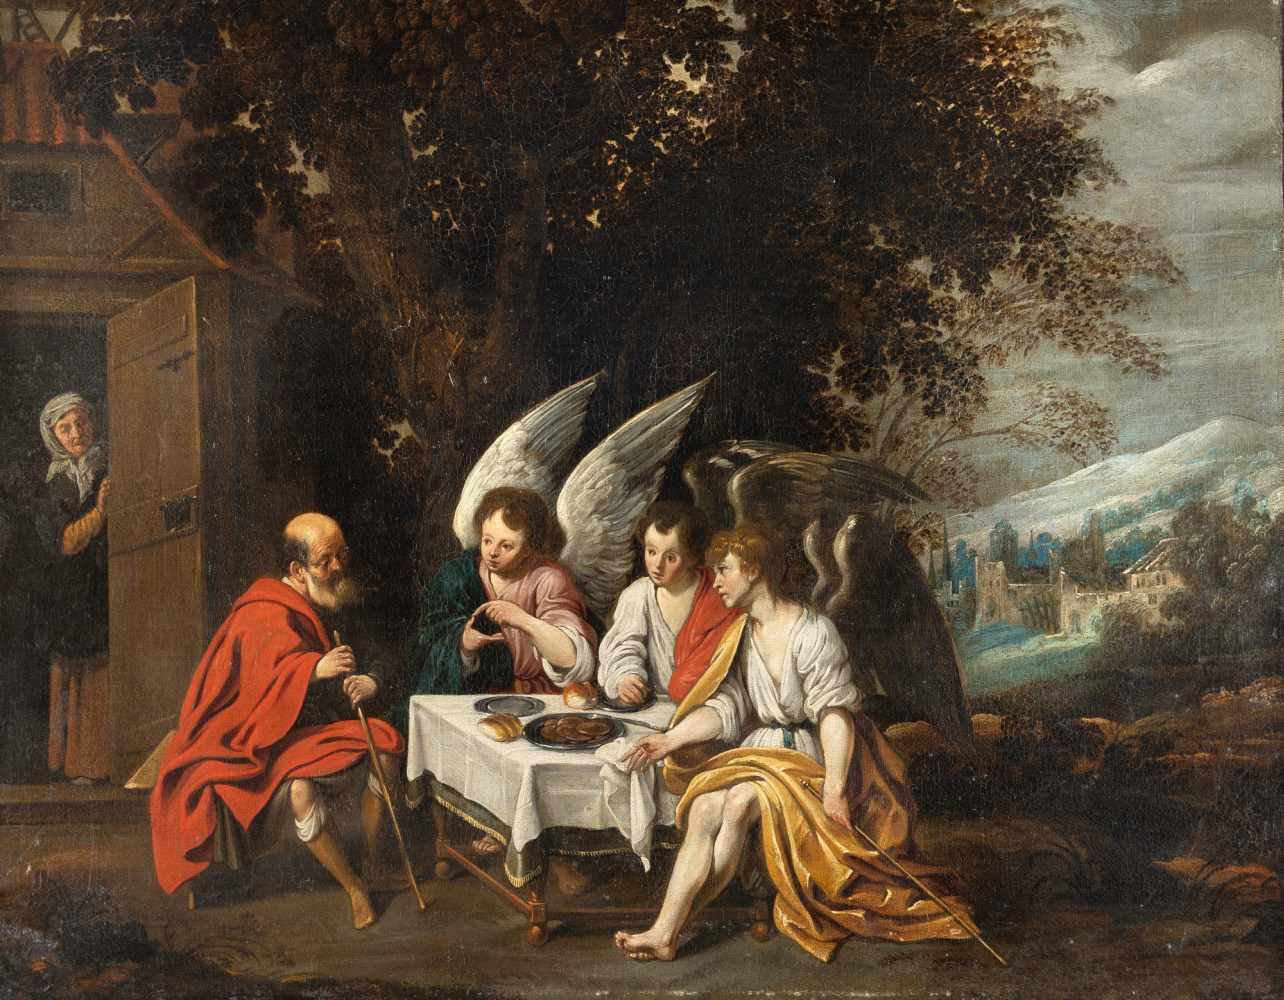 Los 21 - Abraham Van Diepenbeeck1596 Hertogenbosch - Antwerp 1675Abraham bewirtet die drei EngelÖl auf